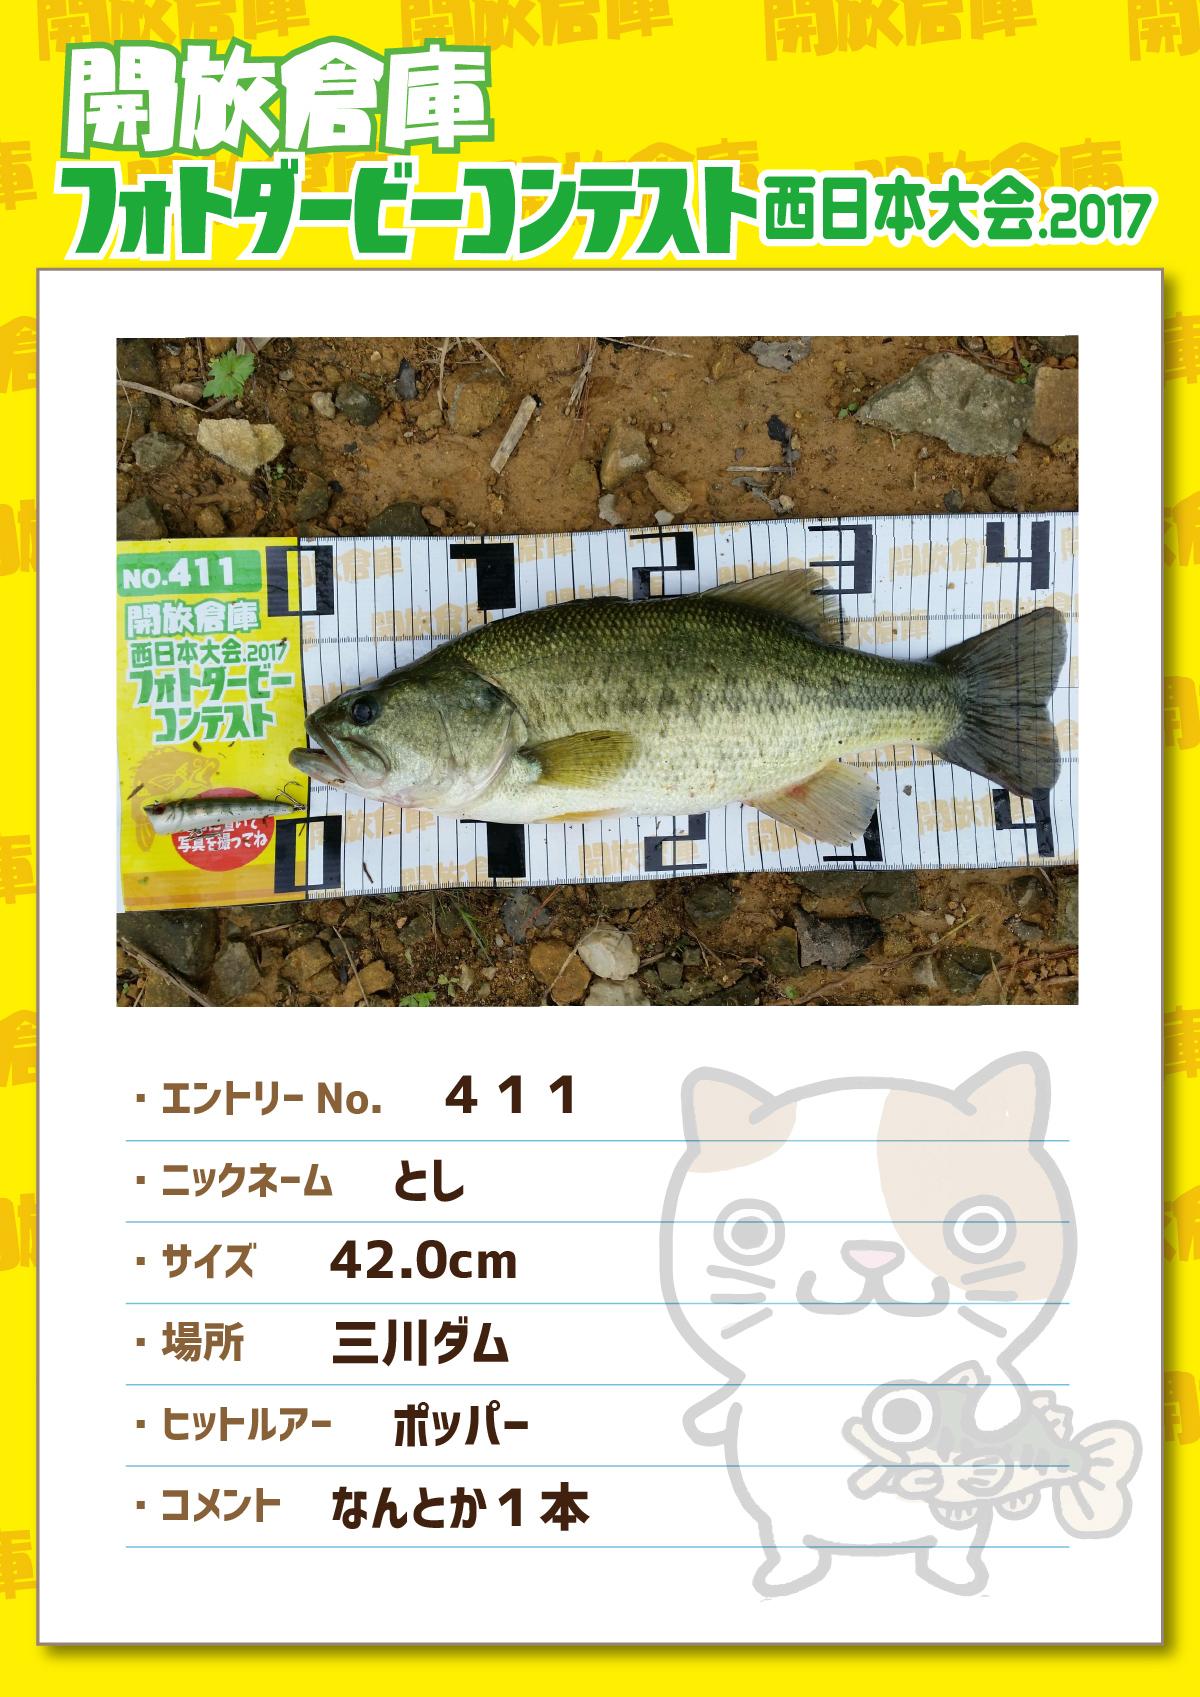 No.411 とし 42.0cm 三川ダム ポッパー なんとか1本